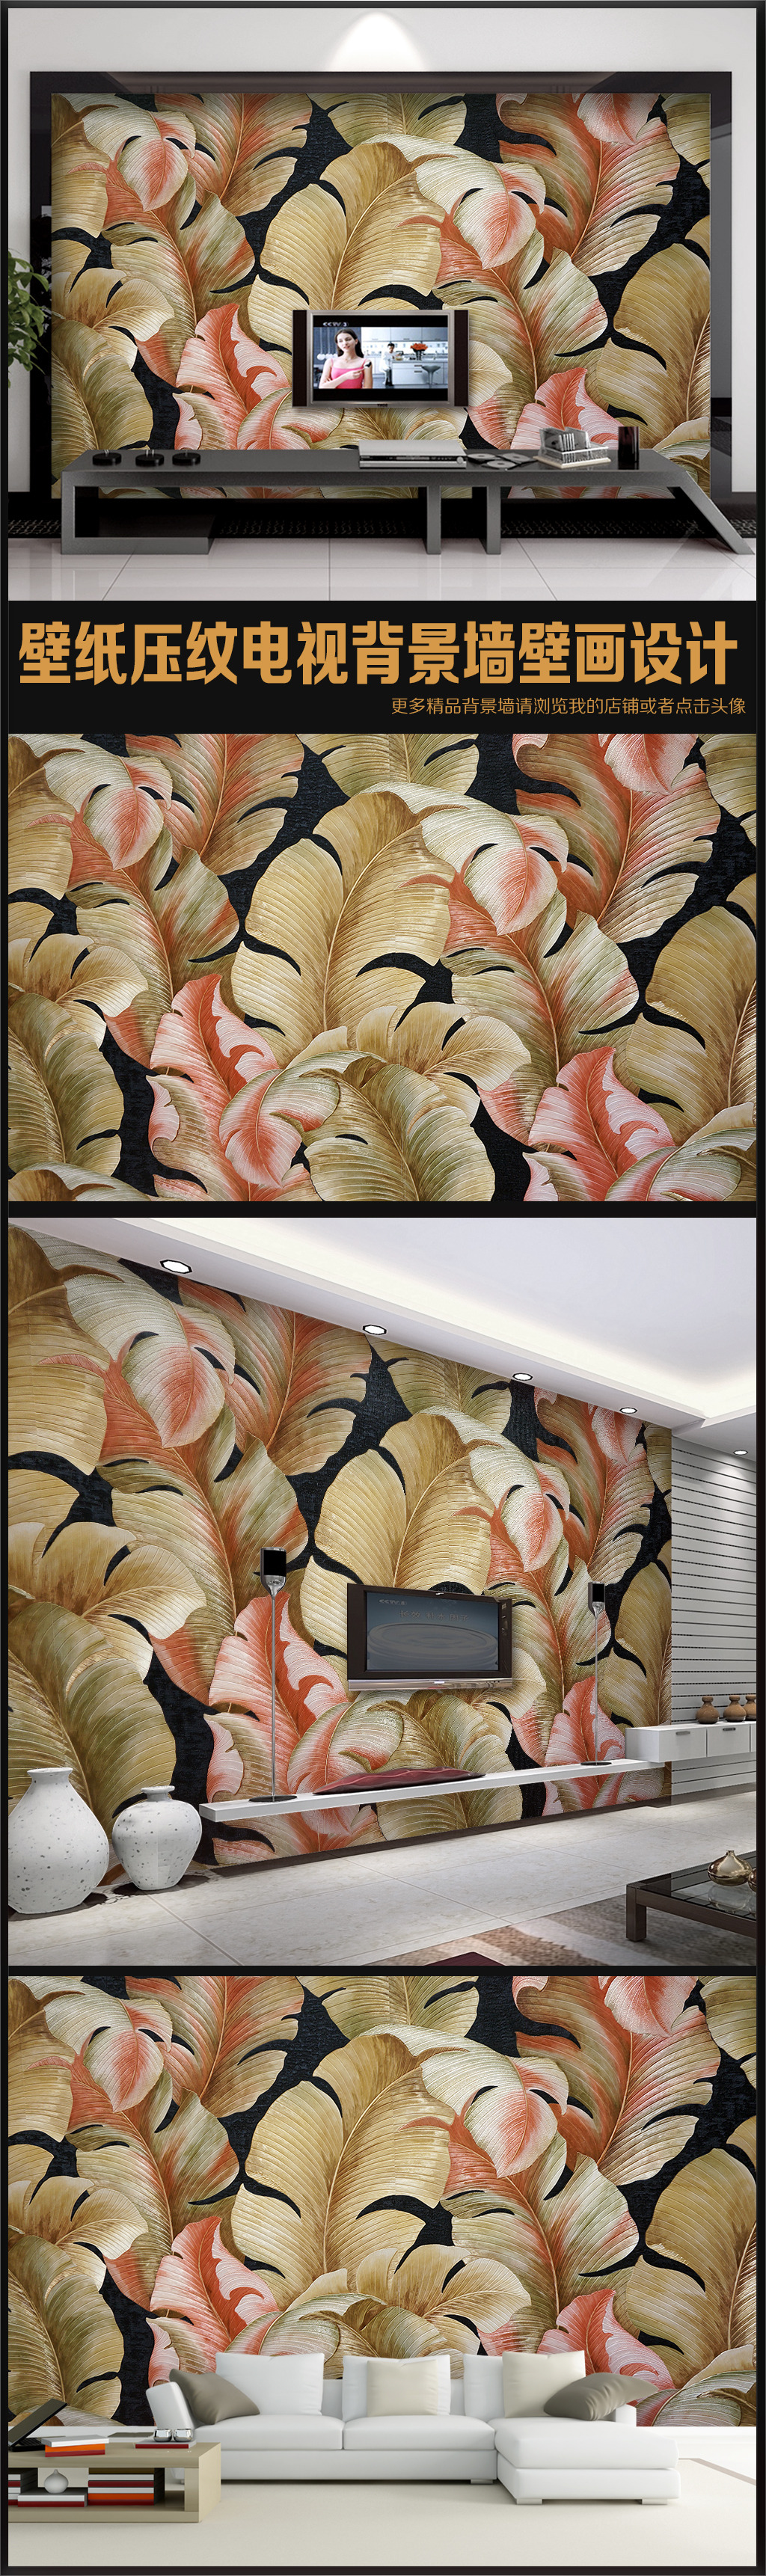 沙发背景墙 酒店壁画 总台背景墙 总办背景墙 专卖店背景墙油画 展馆